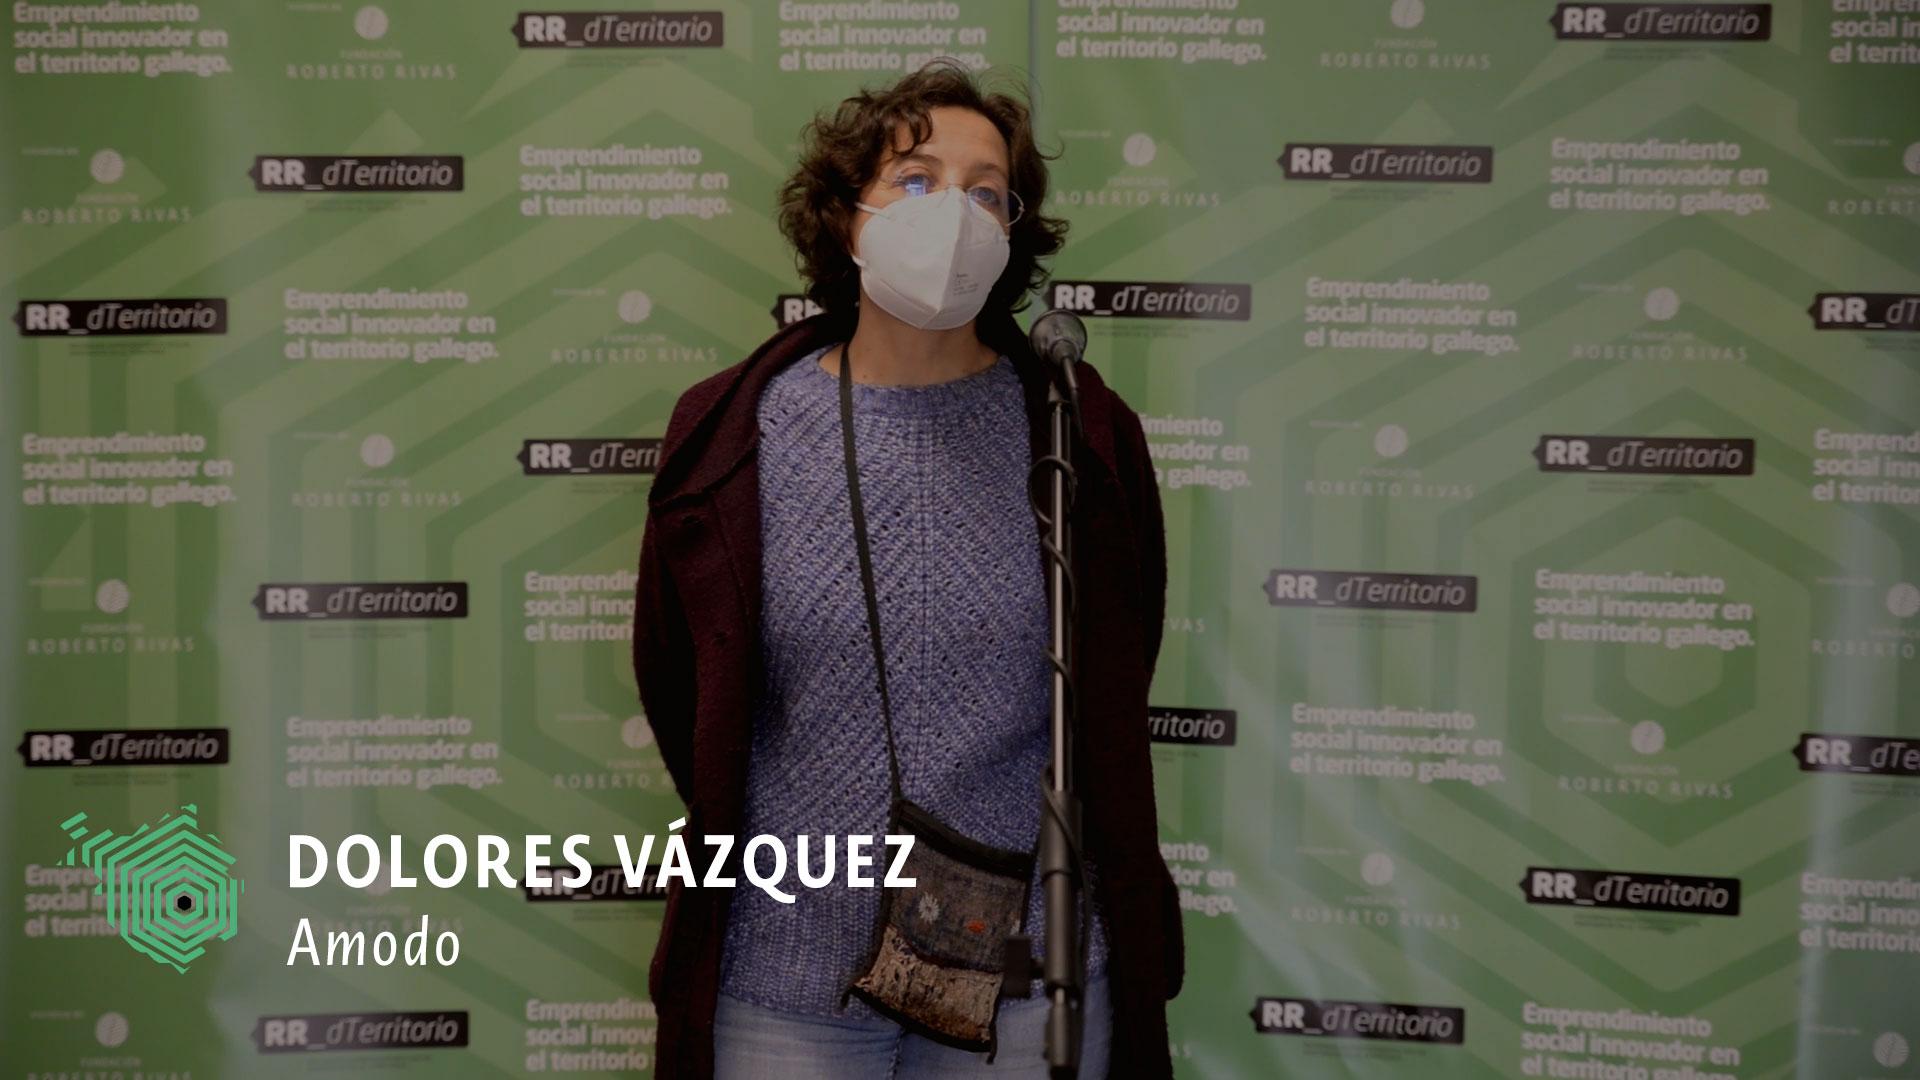 Amodo de Dolores Vázquez